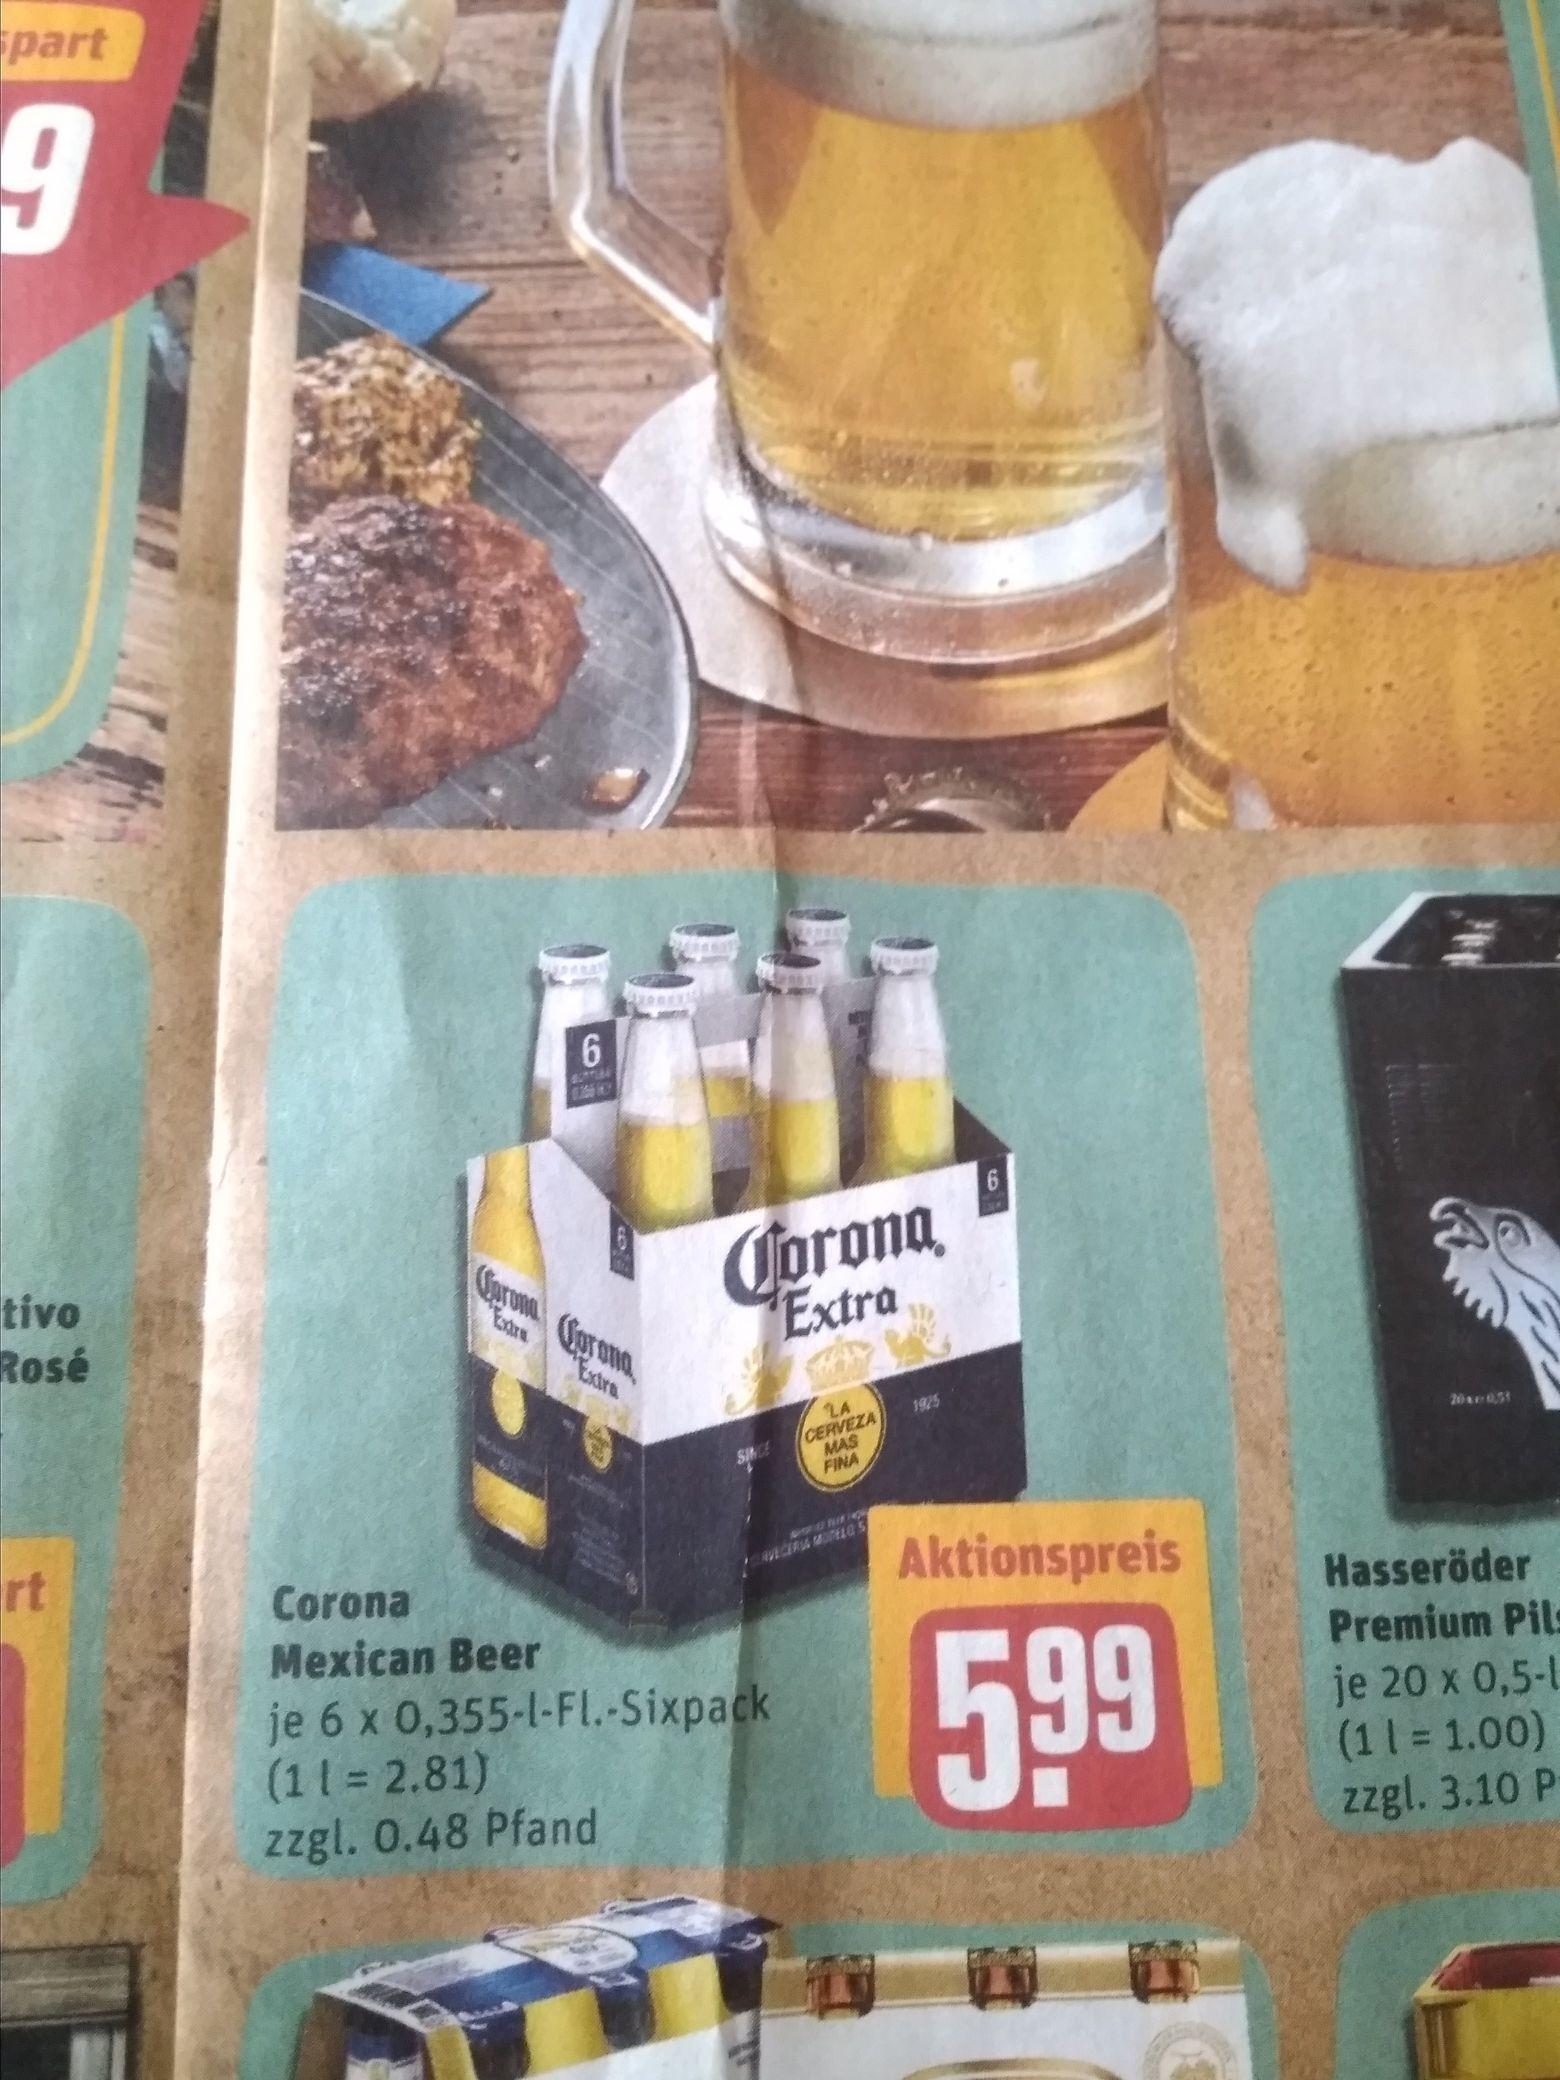 [Rewe + Penny] Corona Extra - 6-Pack für 5,99€ / Flasche unter 1€